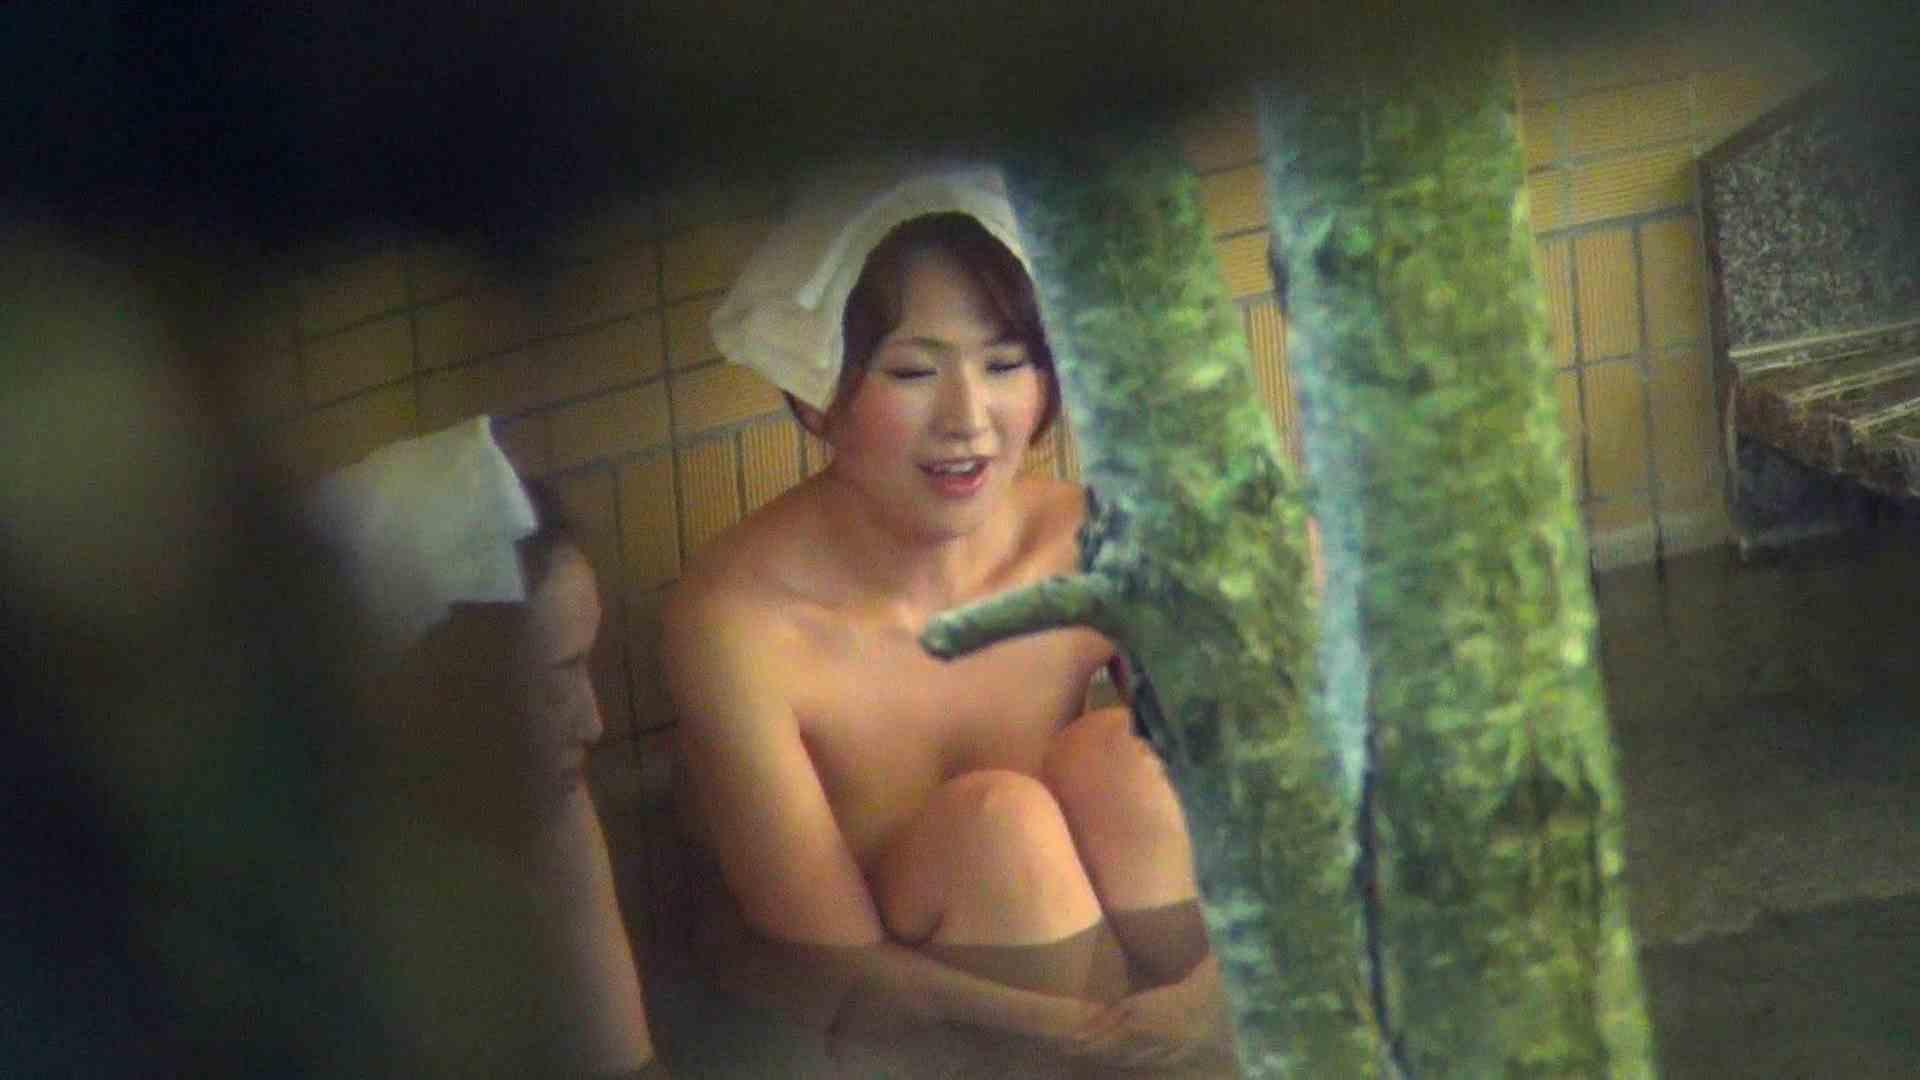 Aquaな露天風呂Vol.272 OLハメ撮り  68Pix 11